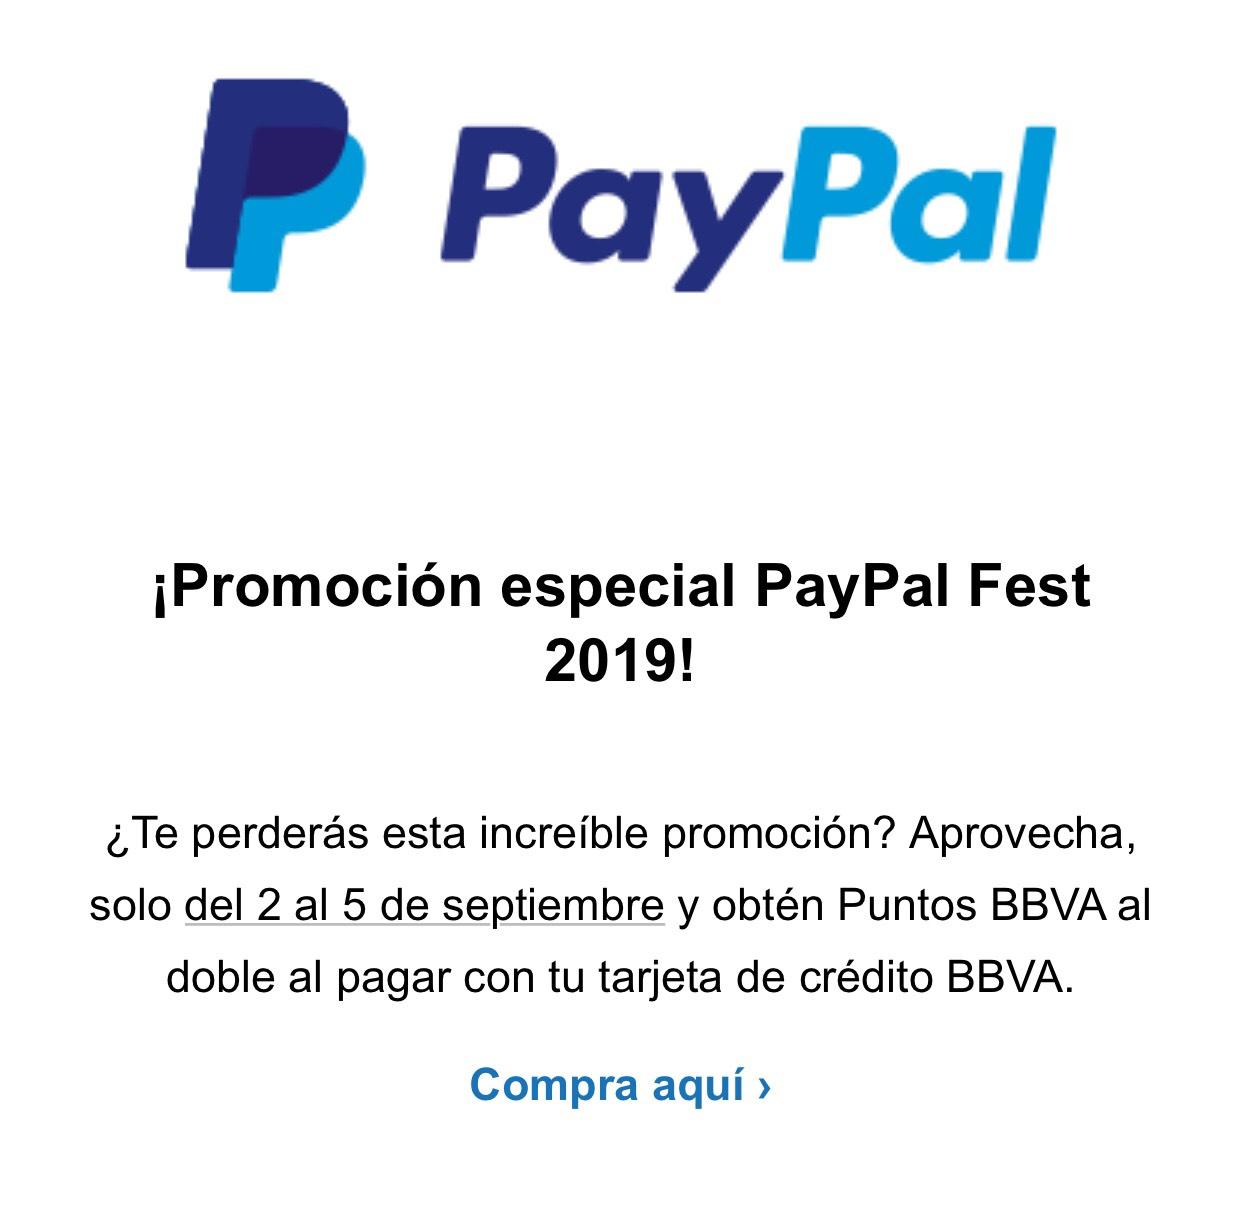 PayPal y BBVA Bancomer: Puntos dobles del 2 al 5 de septiembre